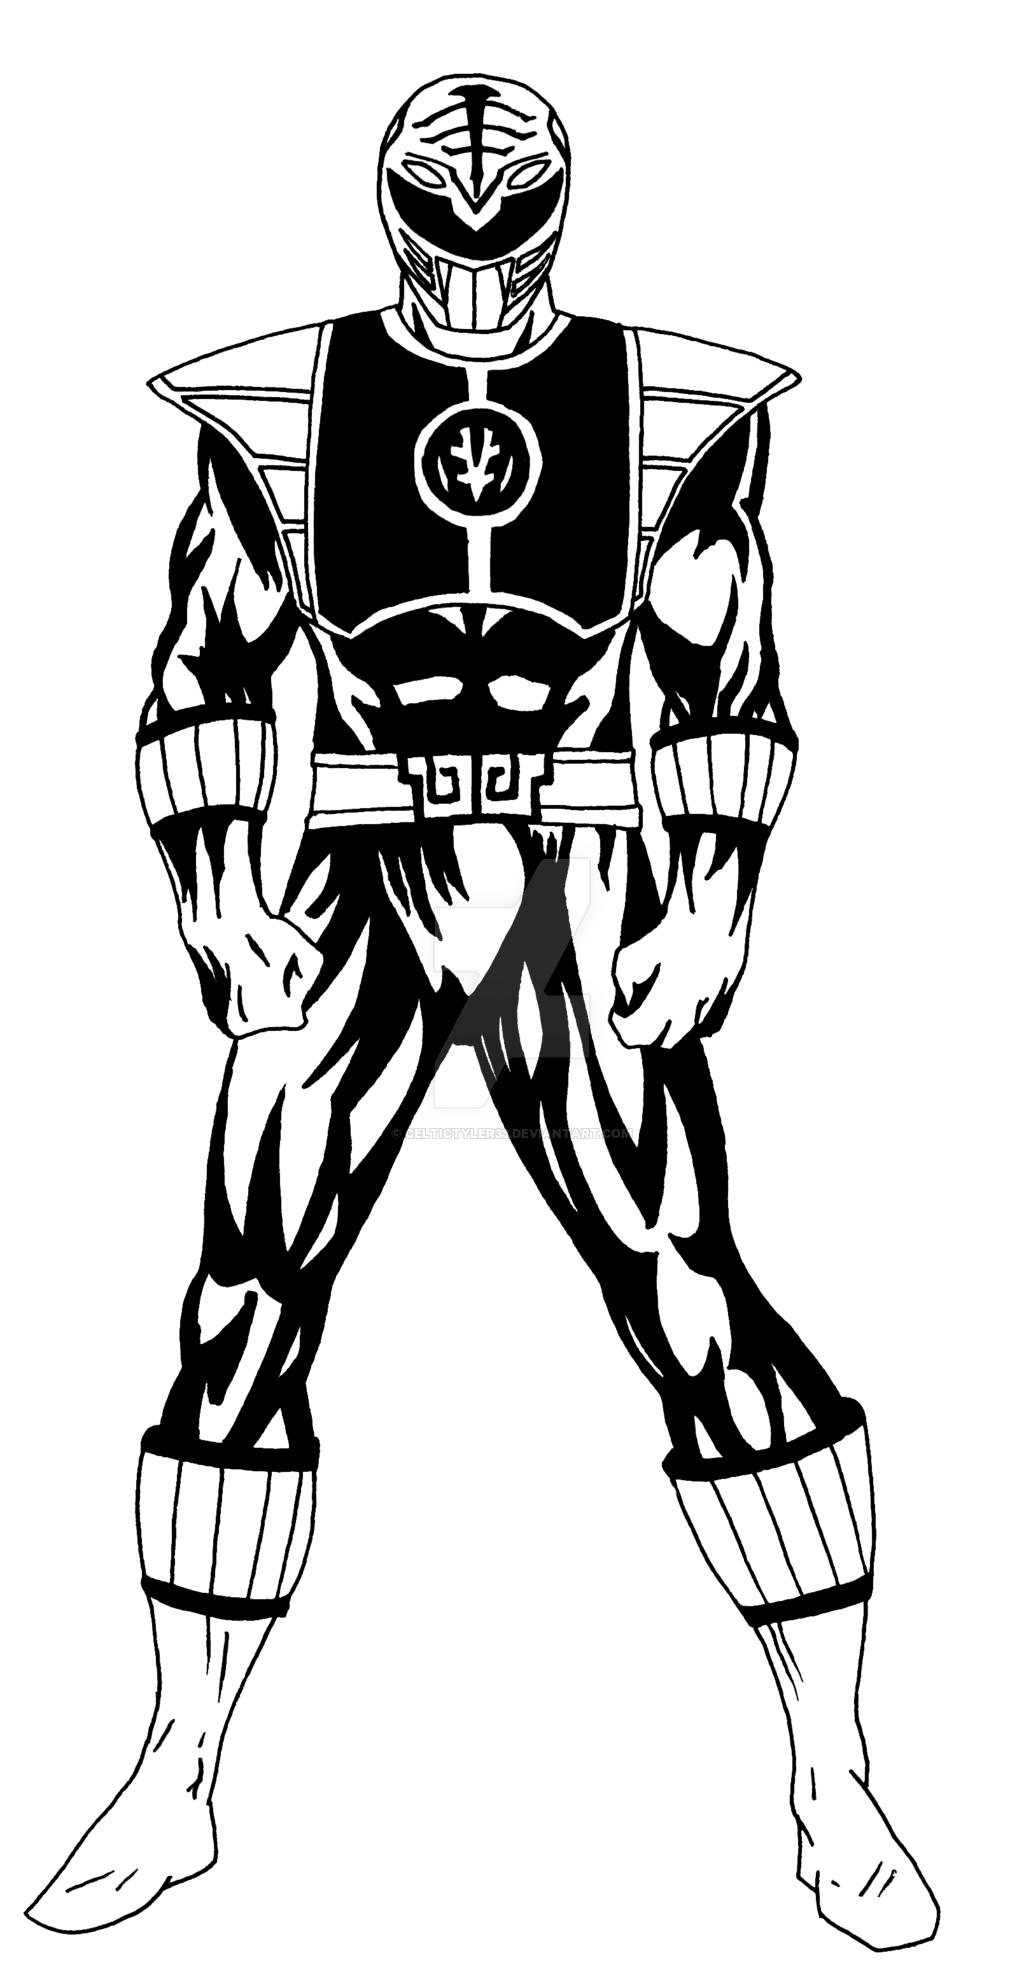 Nett Druckbare Power Ranger Malvorlagen Fotos - Malvorlagen Von ...